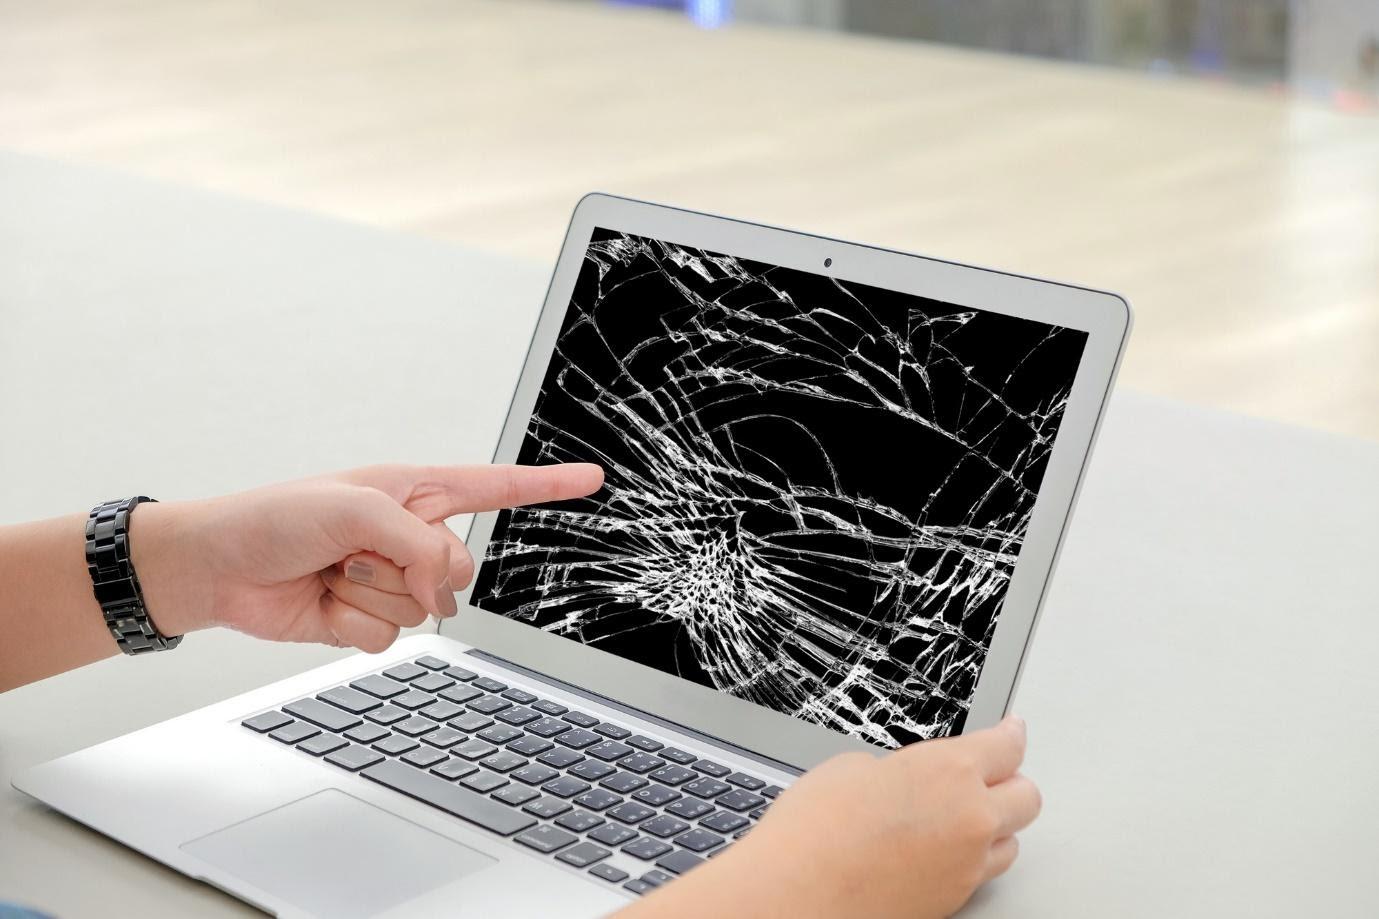 Replace a Broken Laptop Screen